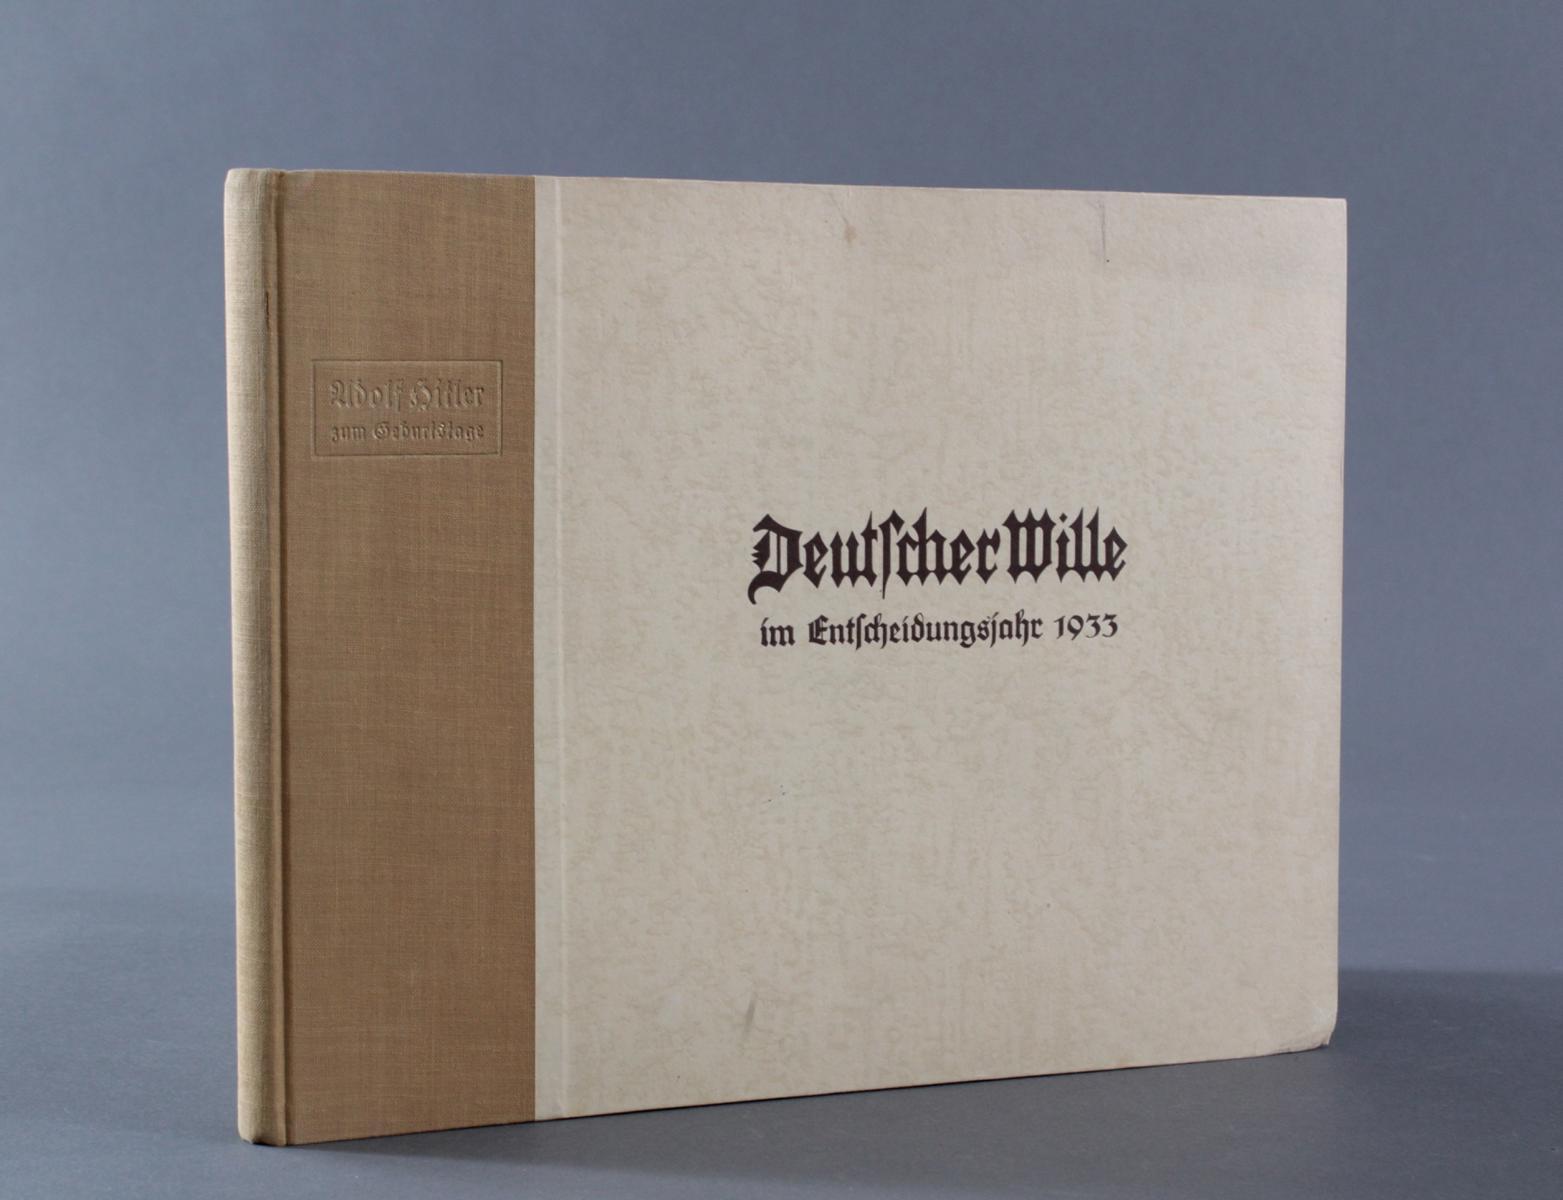 Deutscher Wille im Entscheidungsjahr 1933